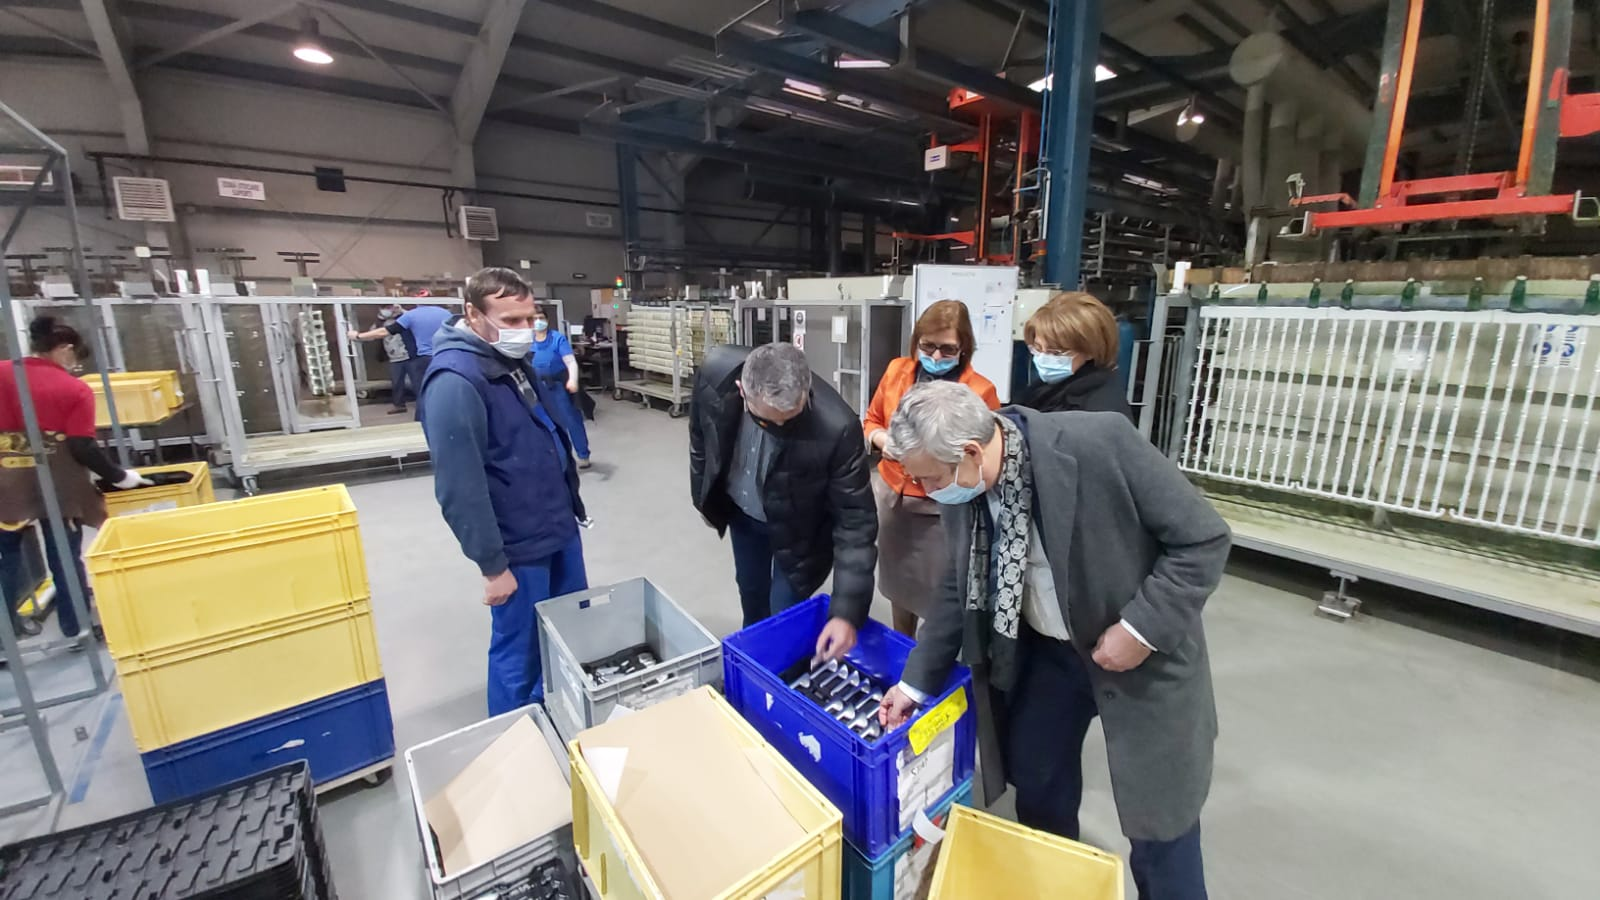 Continuă proiectul Instituției Prefectului privind sprijinirea dezvoltării învățământului dual în județul Hunedoara